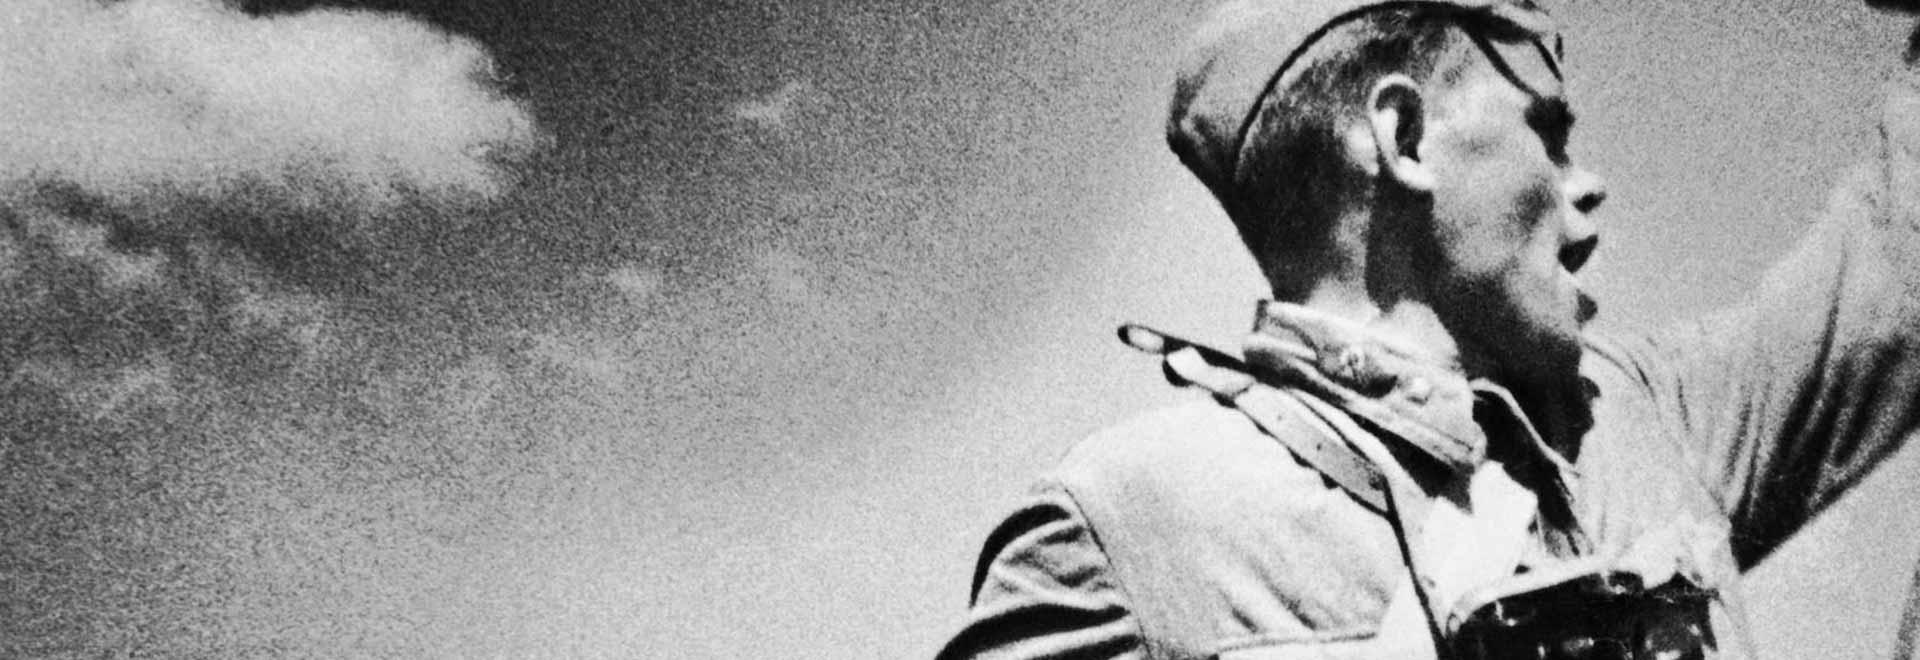 La resa di Mussolini